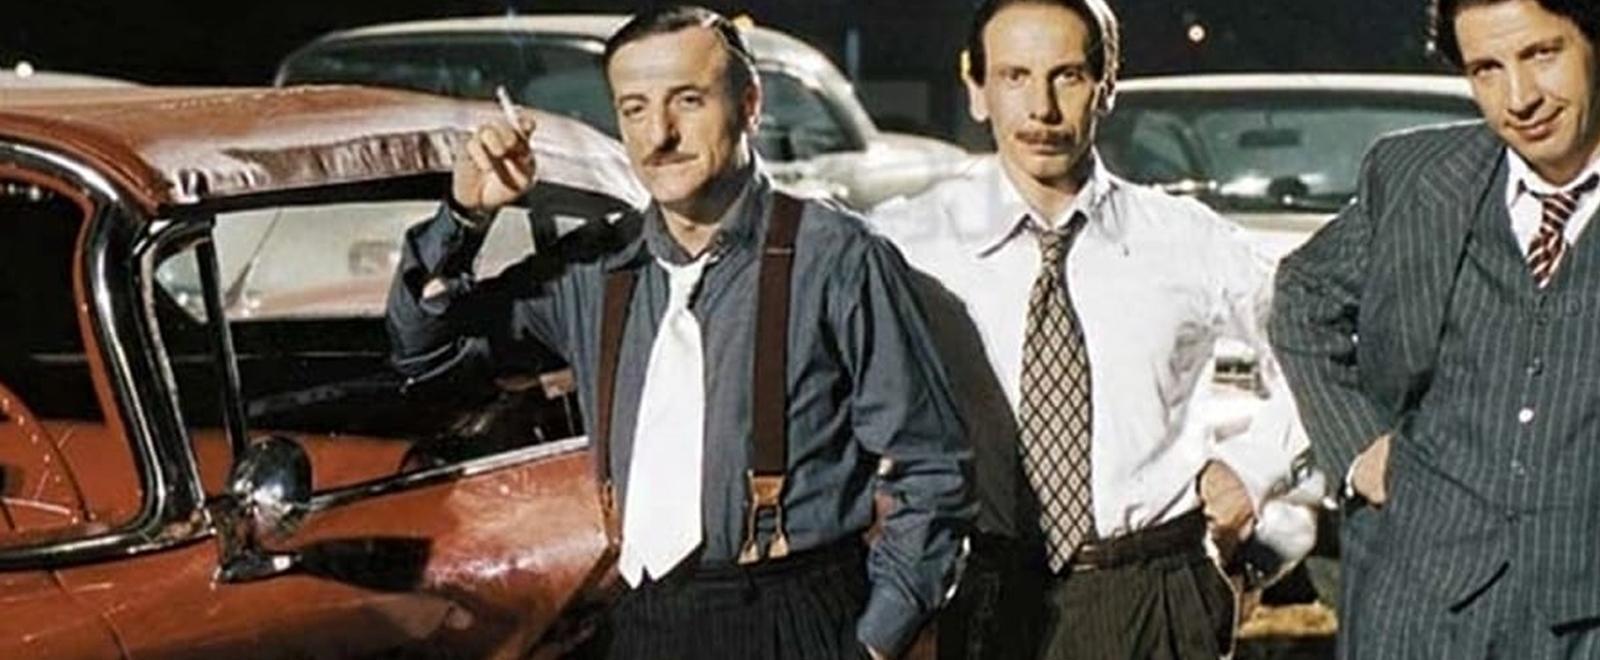 La leggenda di Al, John & Jack